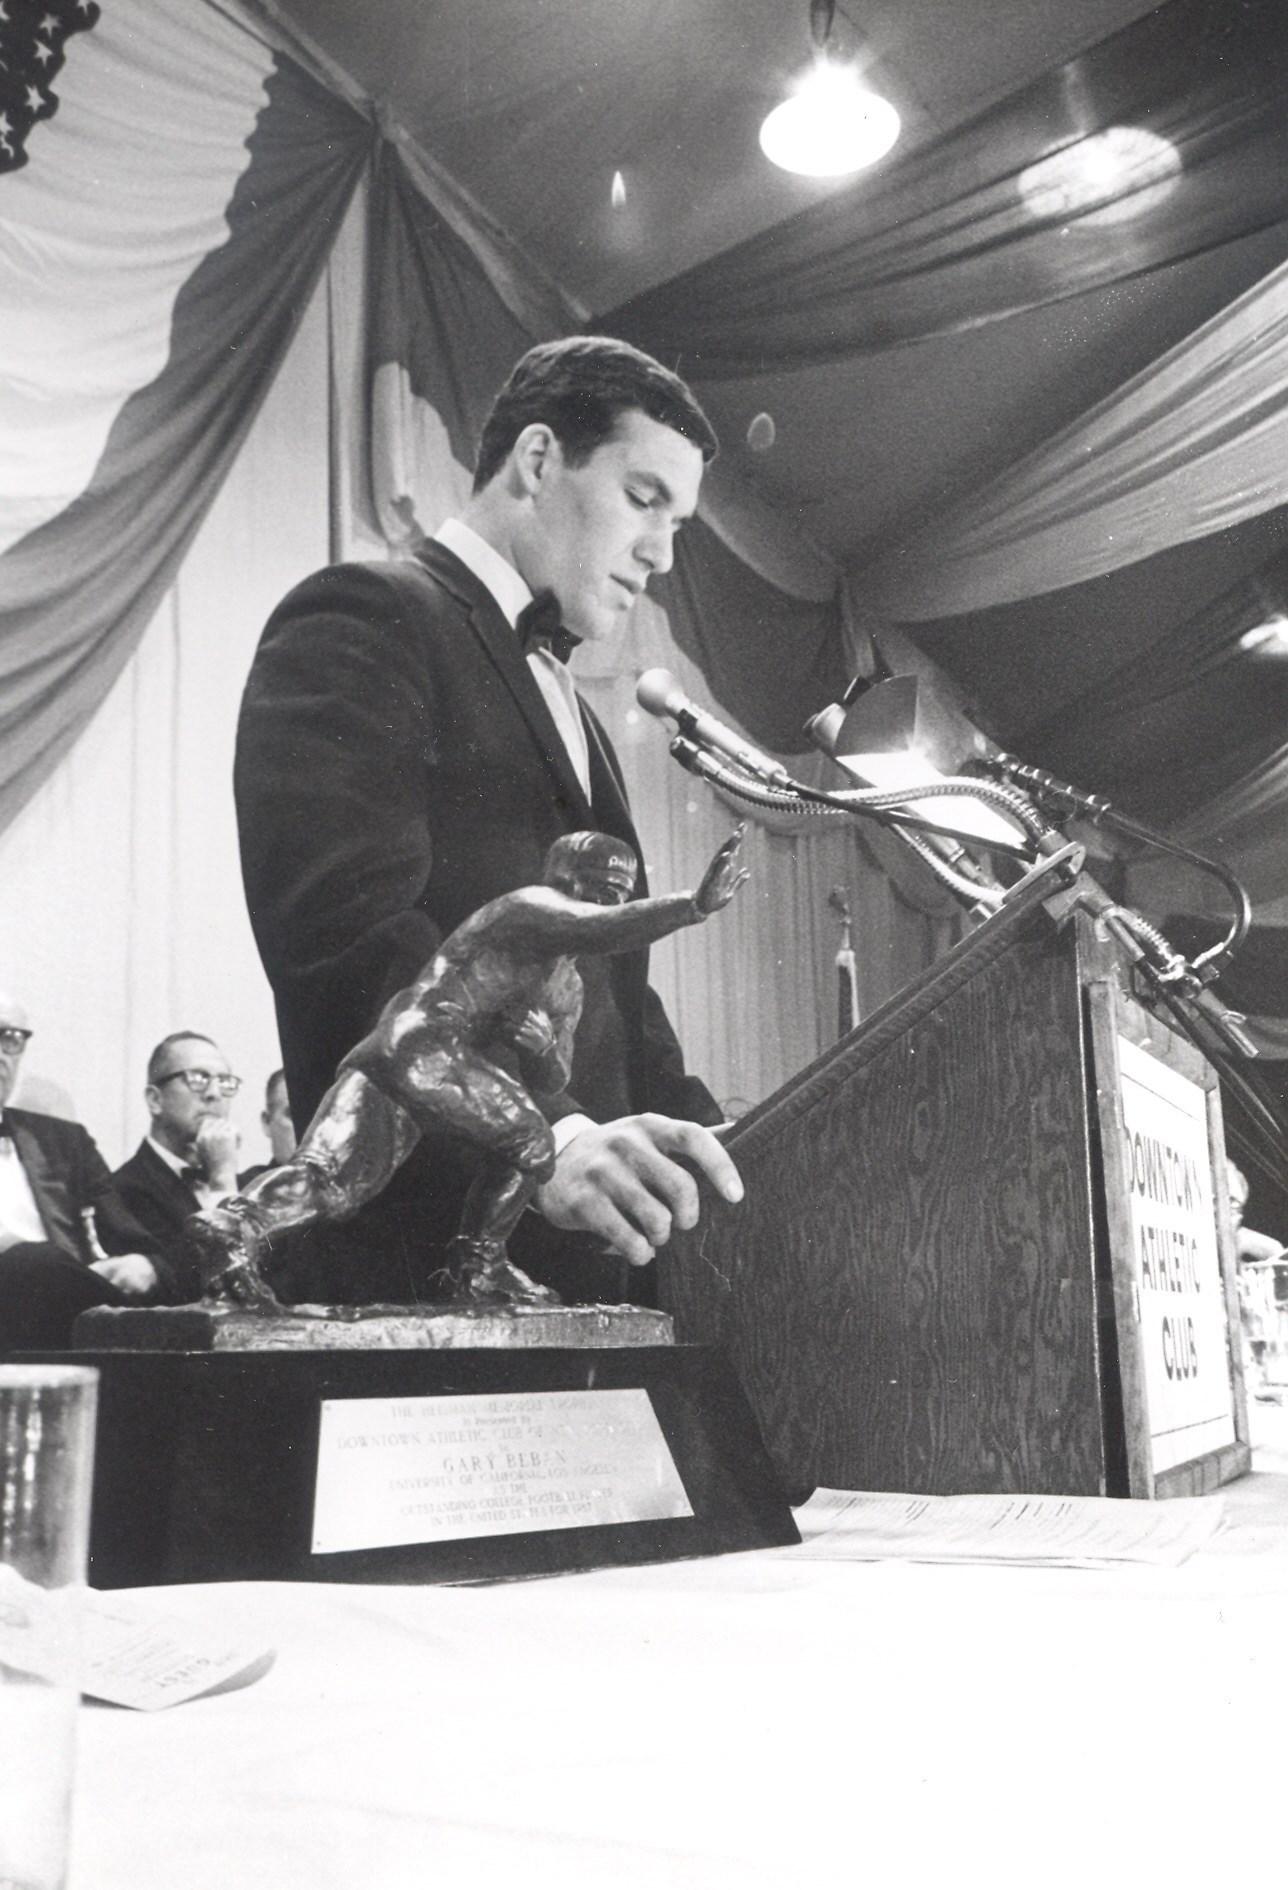 Gary Beban - Heisman Winner